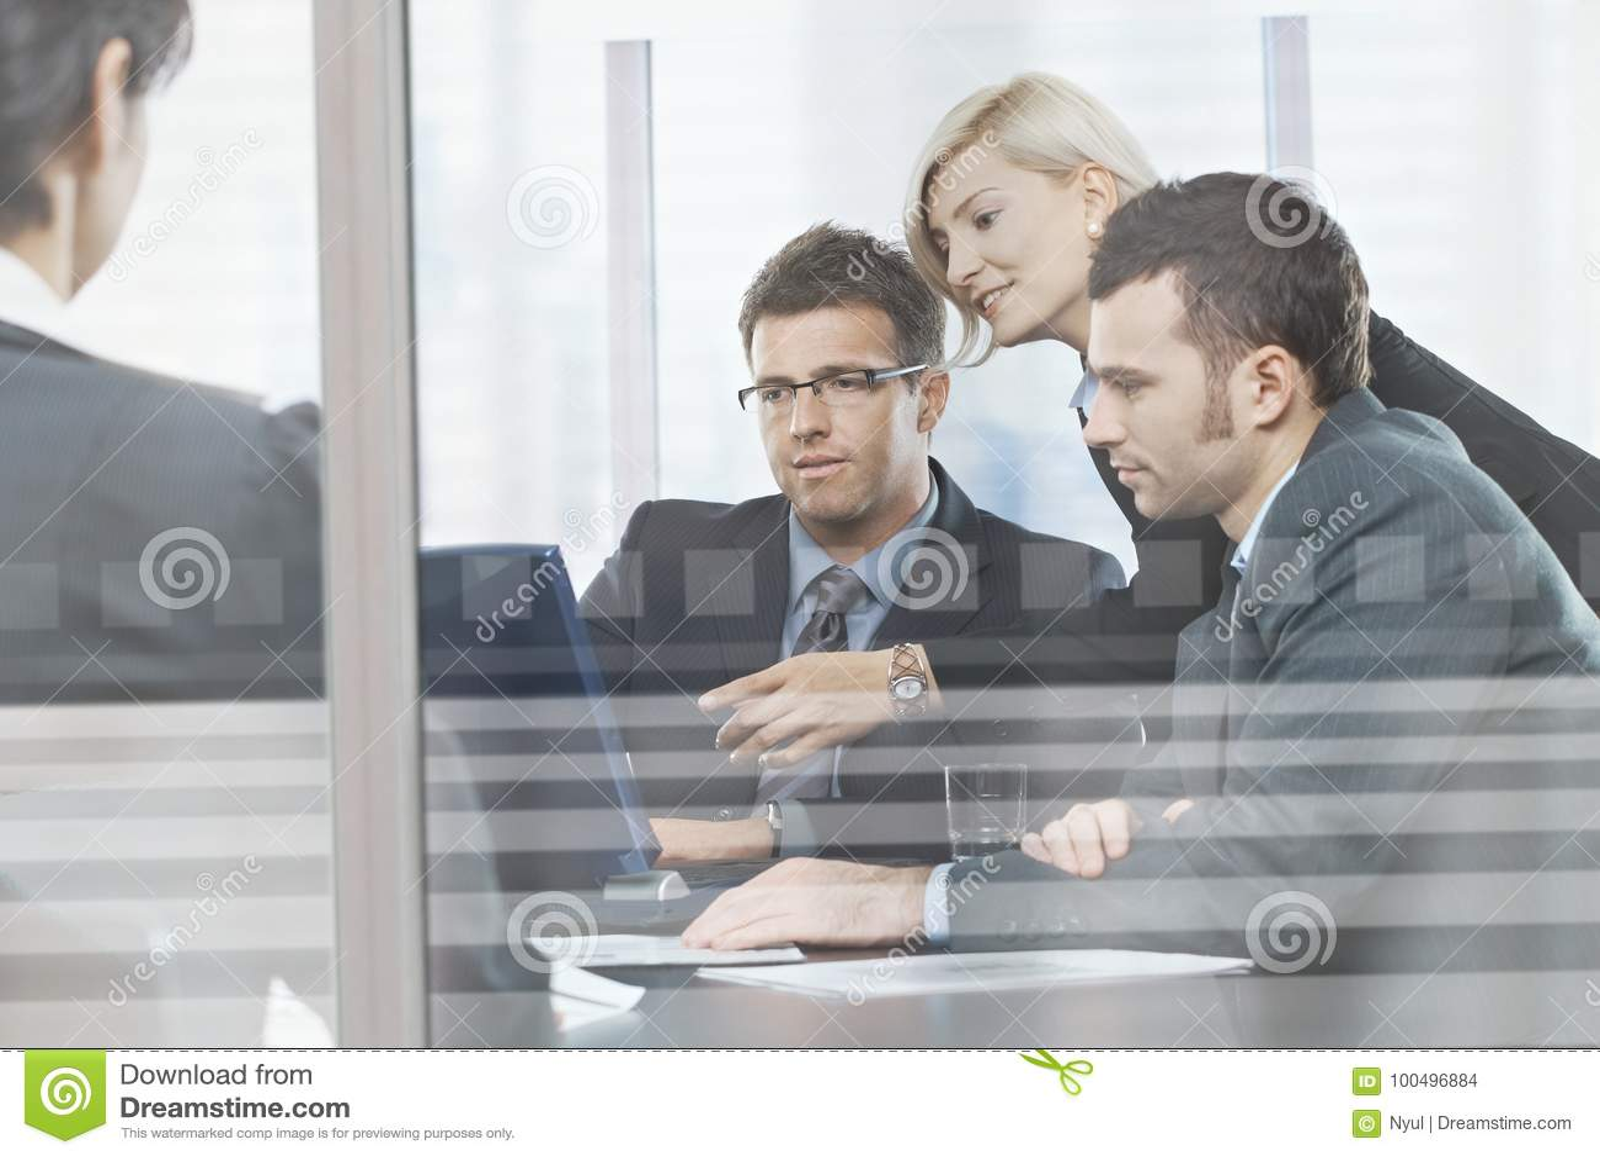 Hombres de negocios que se encuentran en la sala de reunión detrás del vidrio